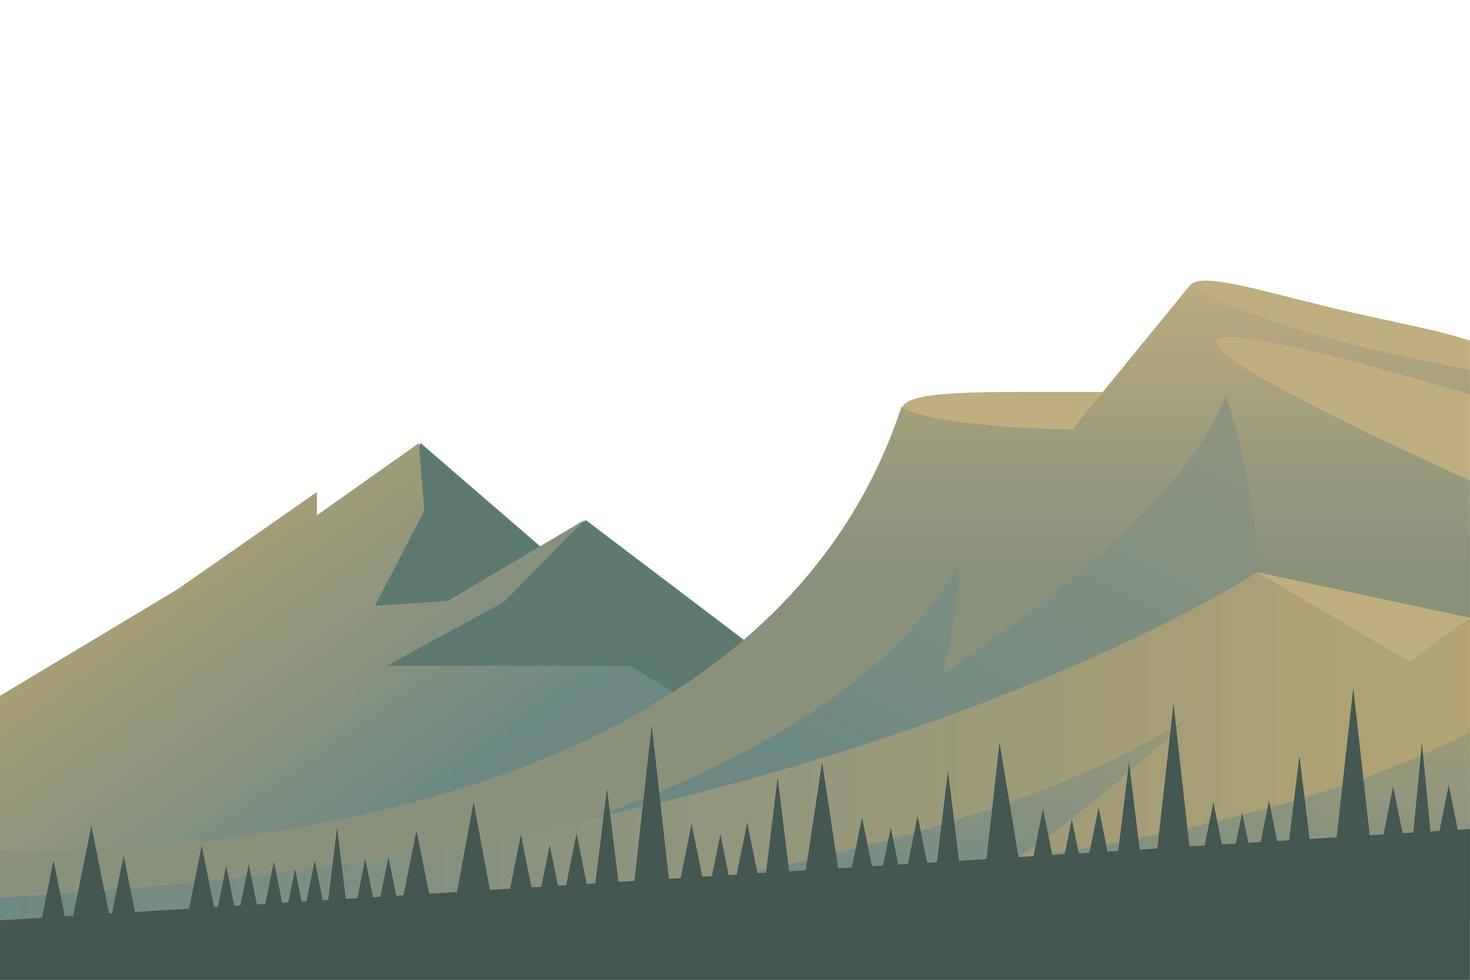 vacker landskap scen med berg vektor